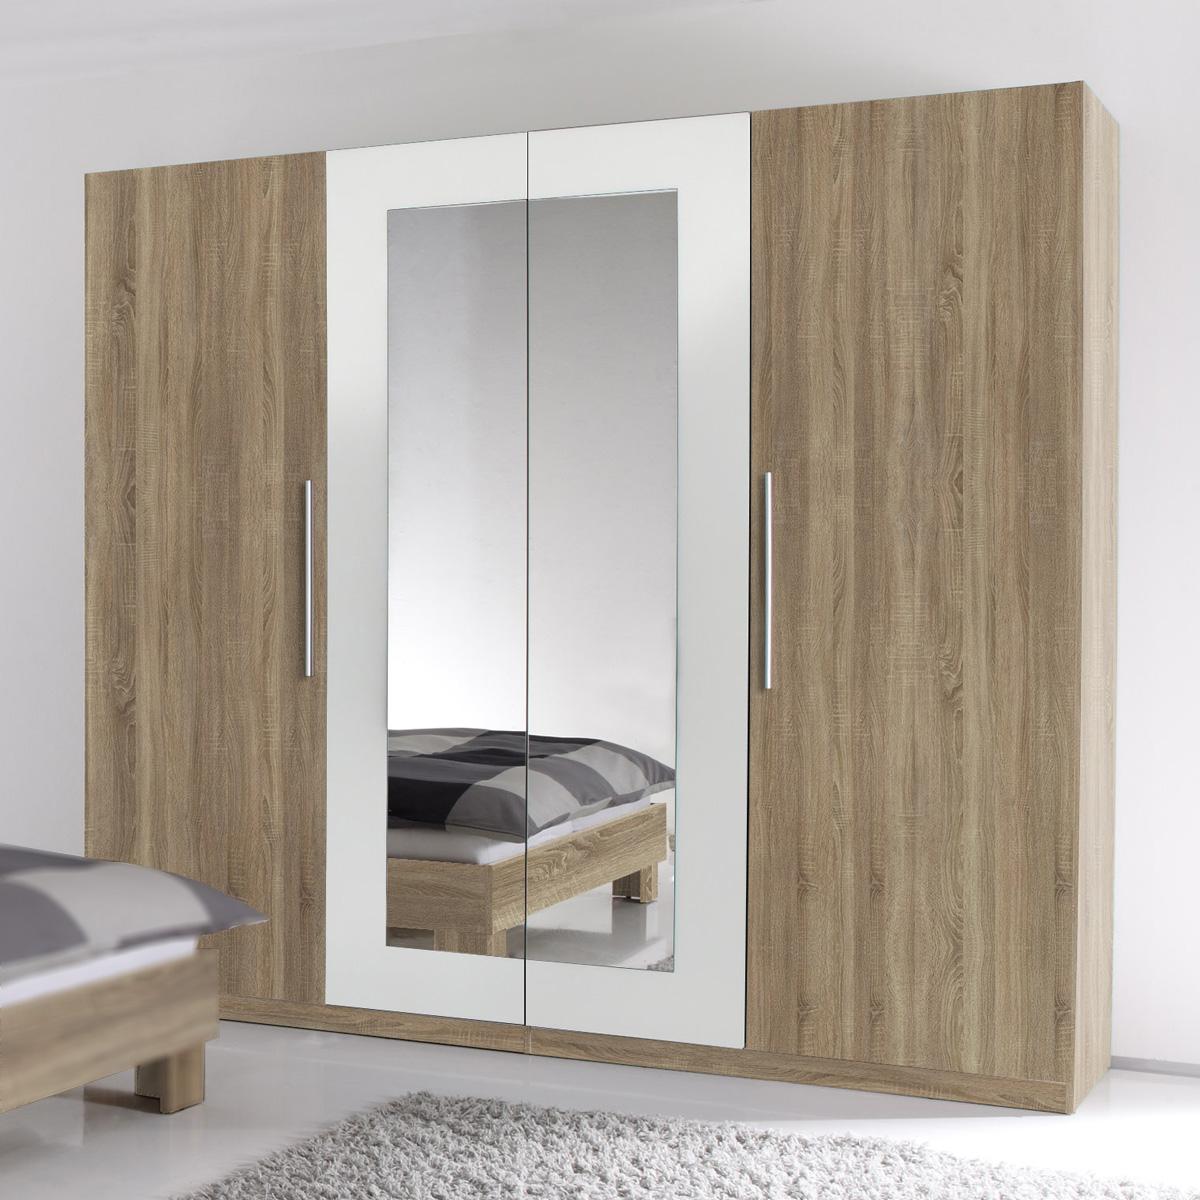 kleiderschrank martina schrank sonoma eiche s gerau und. Black Bedroom Furniture Sets. Home Design Ideas